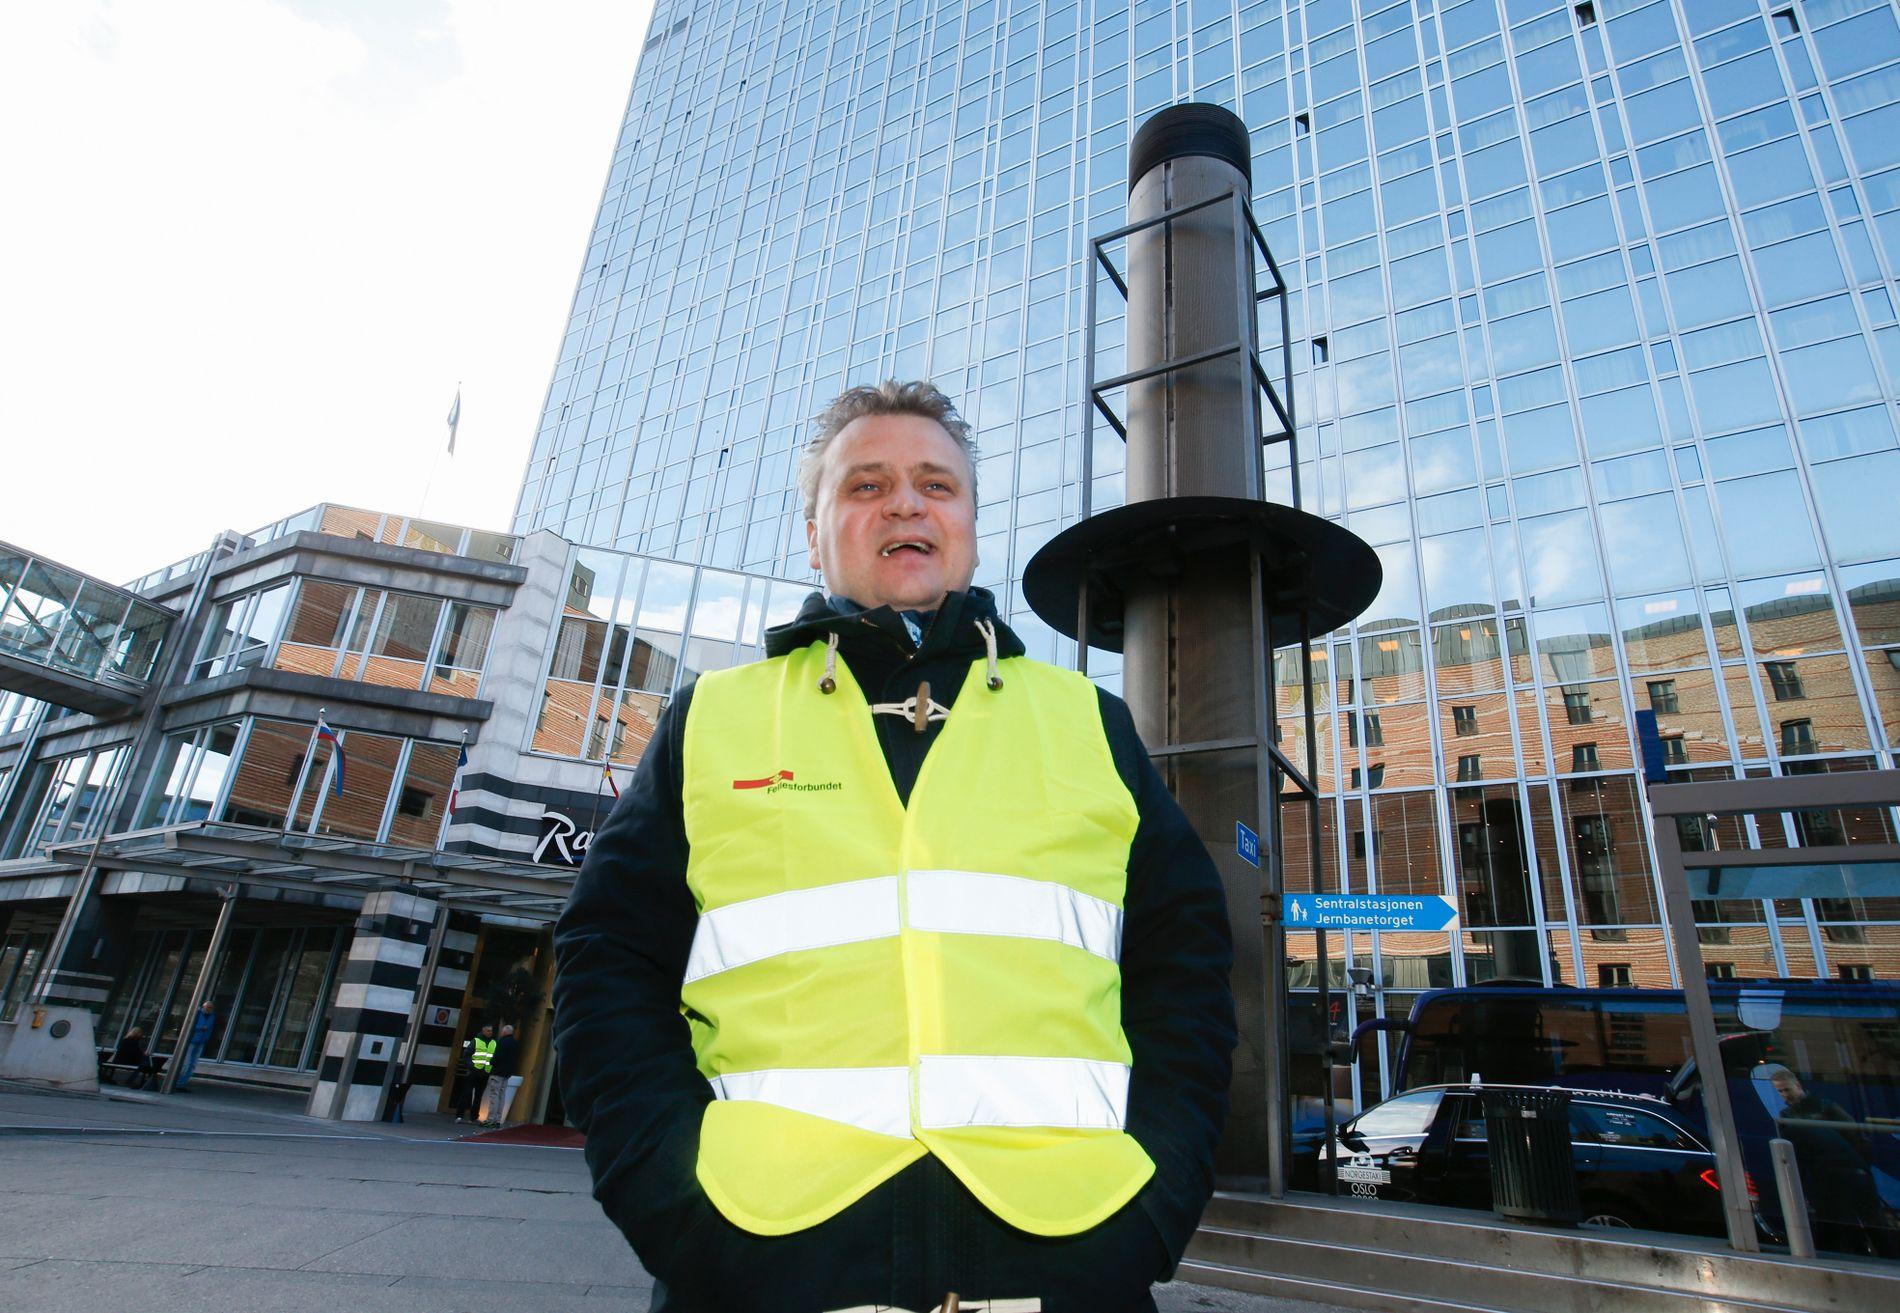 TRAPPER OPP: Forbundsleder i Fellesforbundet, Jørn Eggum, dro i gang en streik i sitt første lønnsoppgjør etter at han ble forbundsleder.